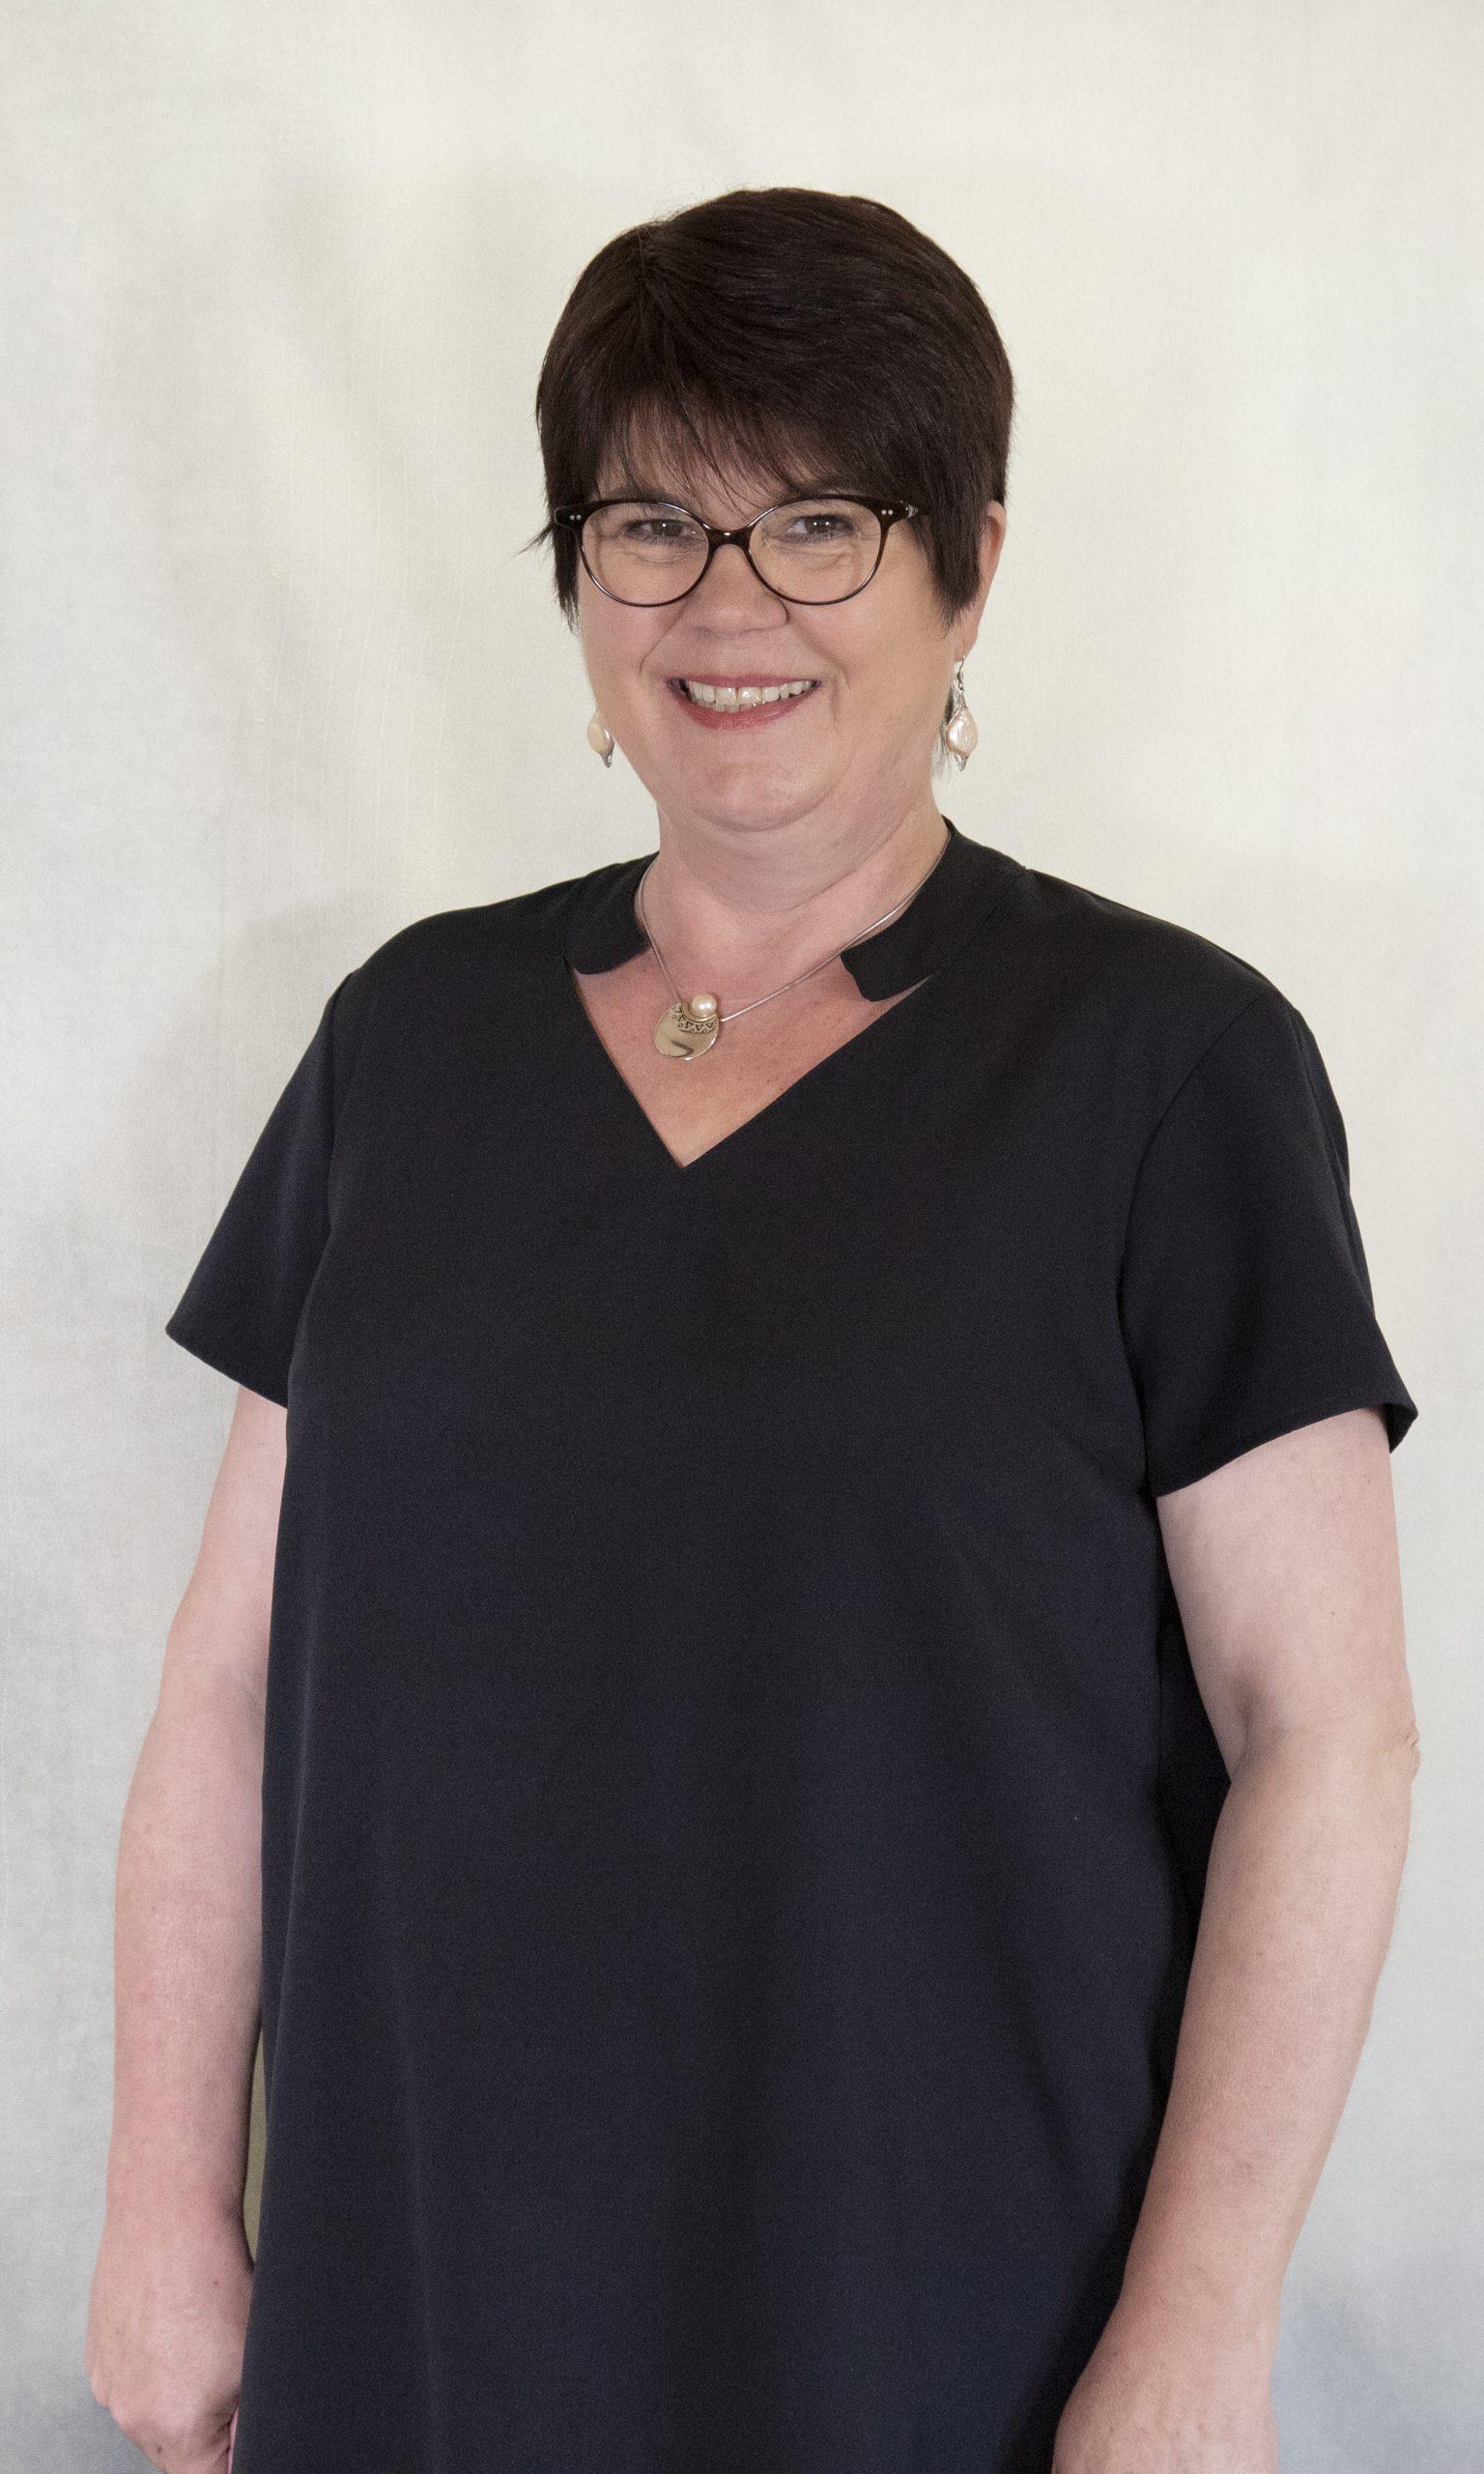 Christine Breuil